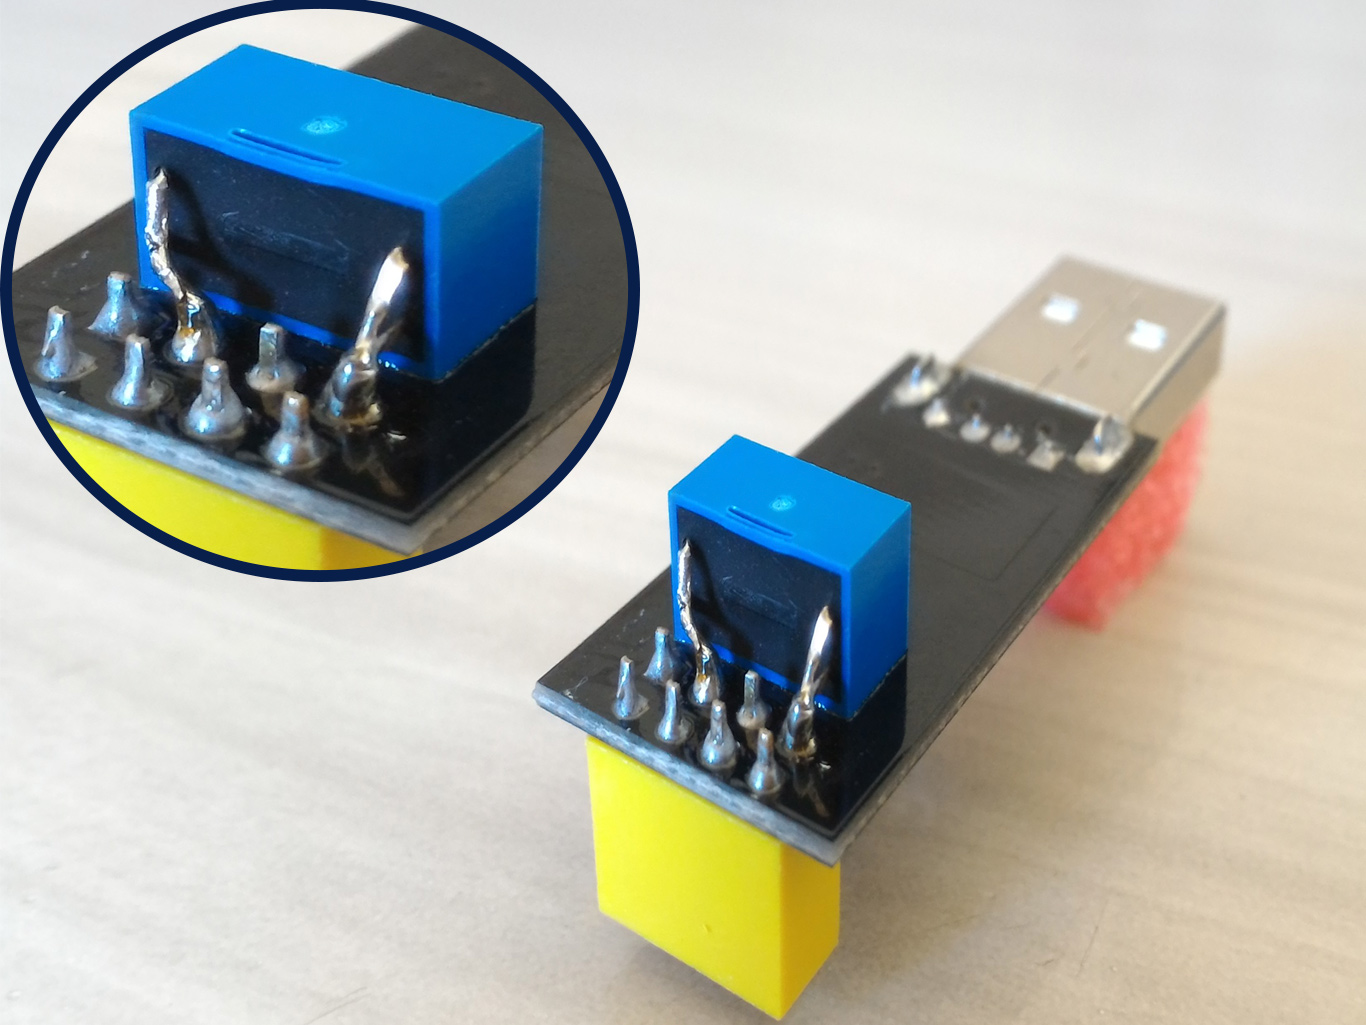 img03_modificando_o_adaptador_usb_serial_wifi_esp8266_para_upgrade_do_esp-01_arduino